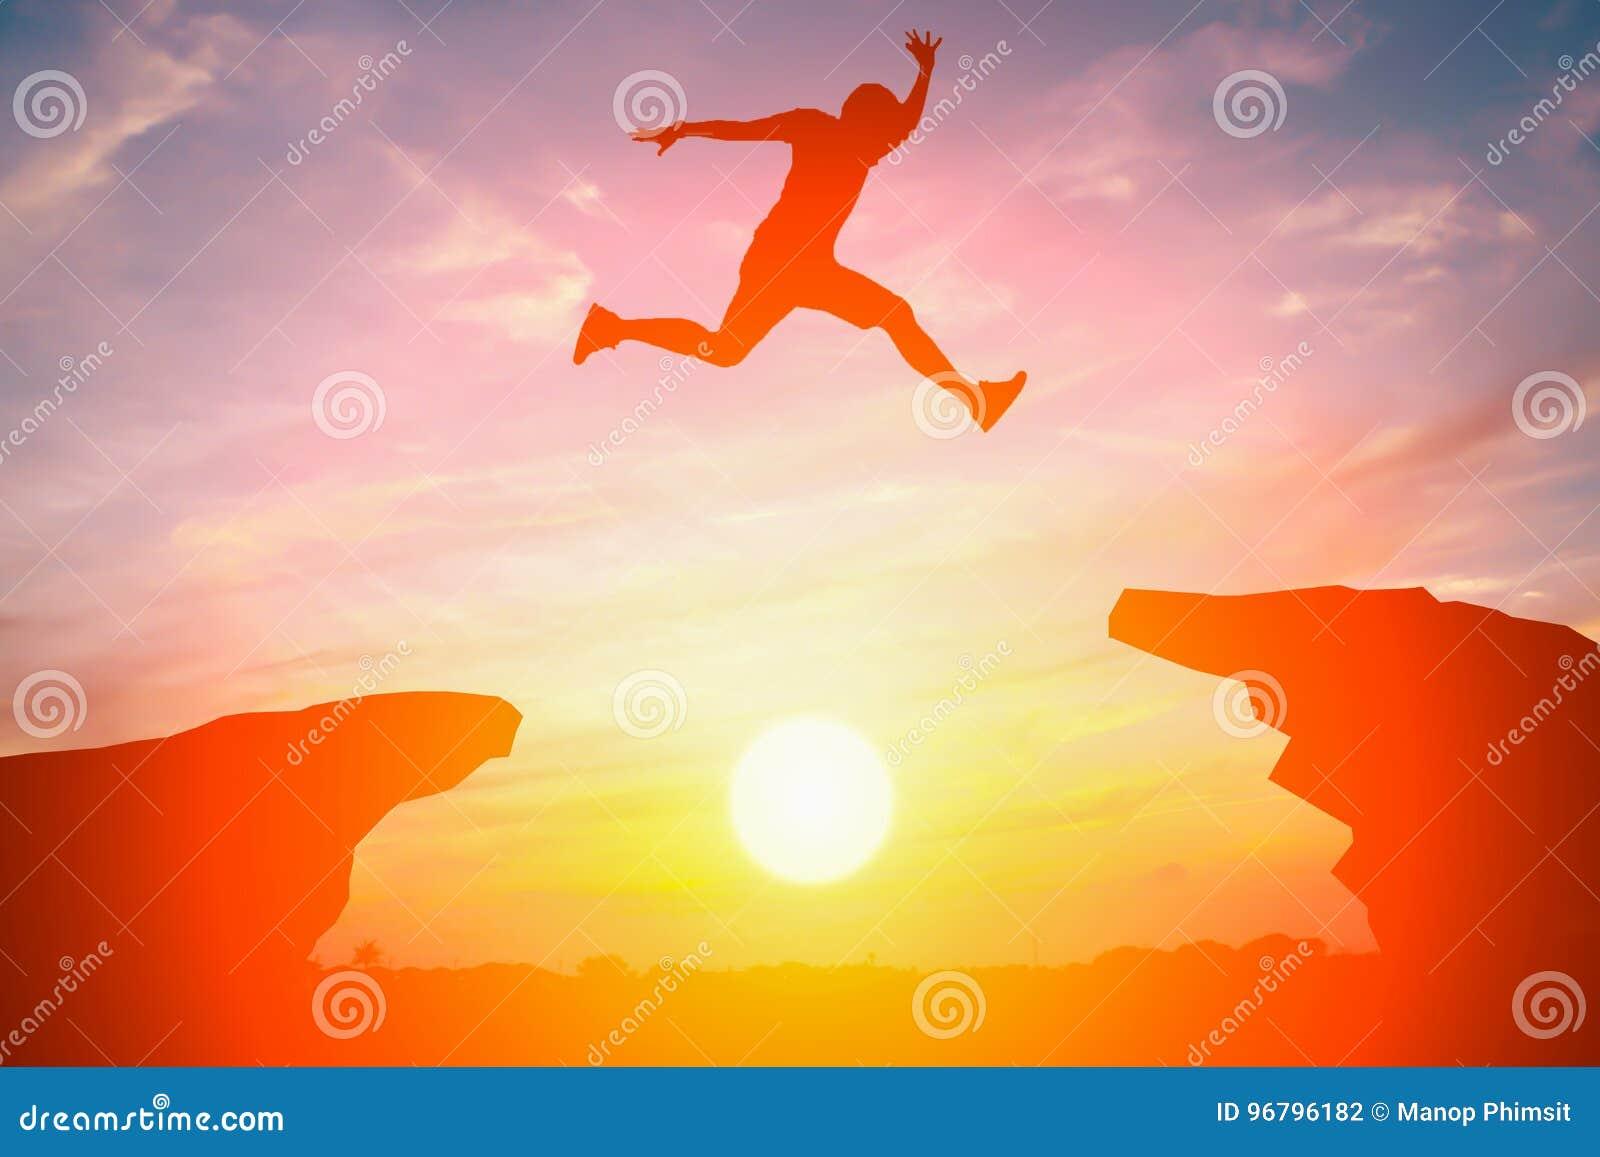 Силуэт человека скачет над скалой